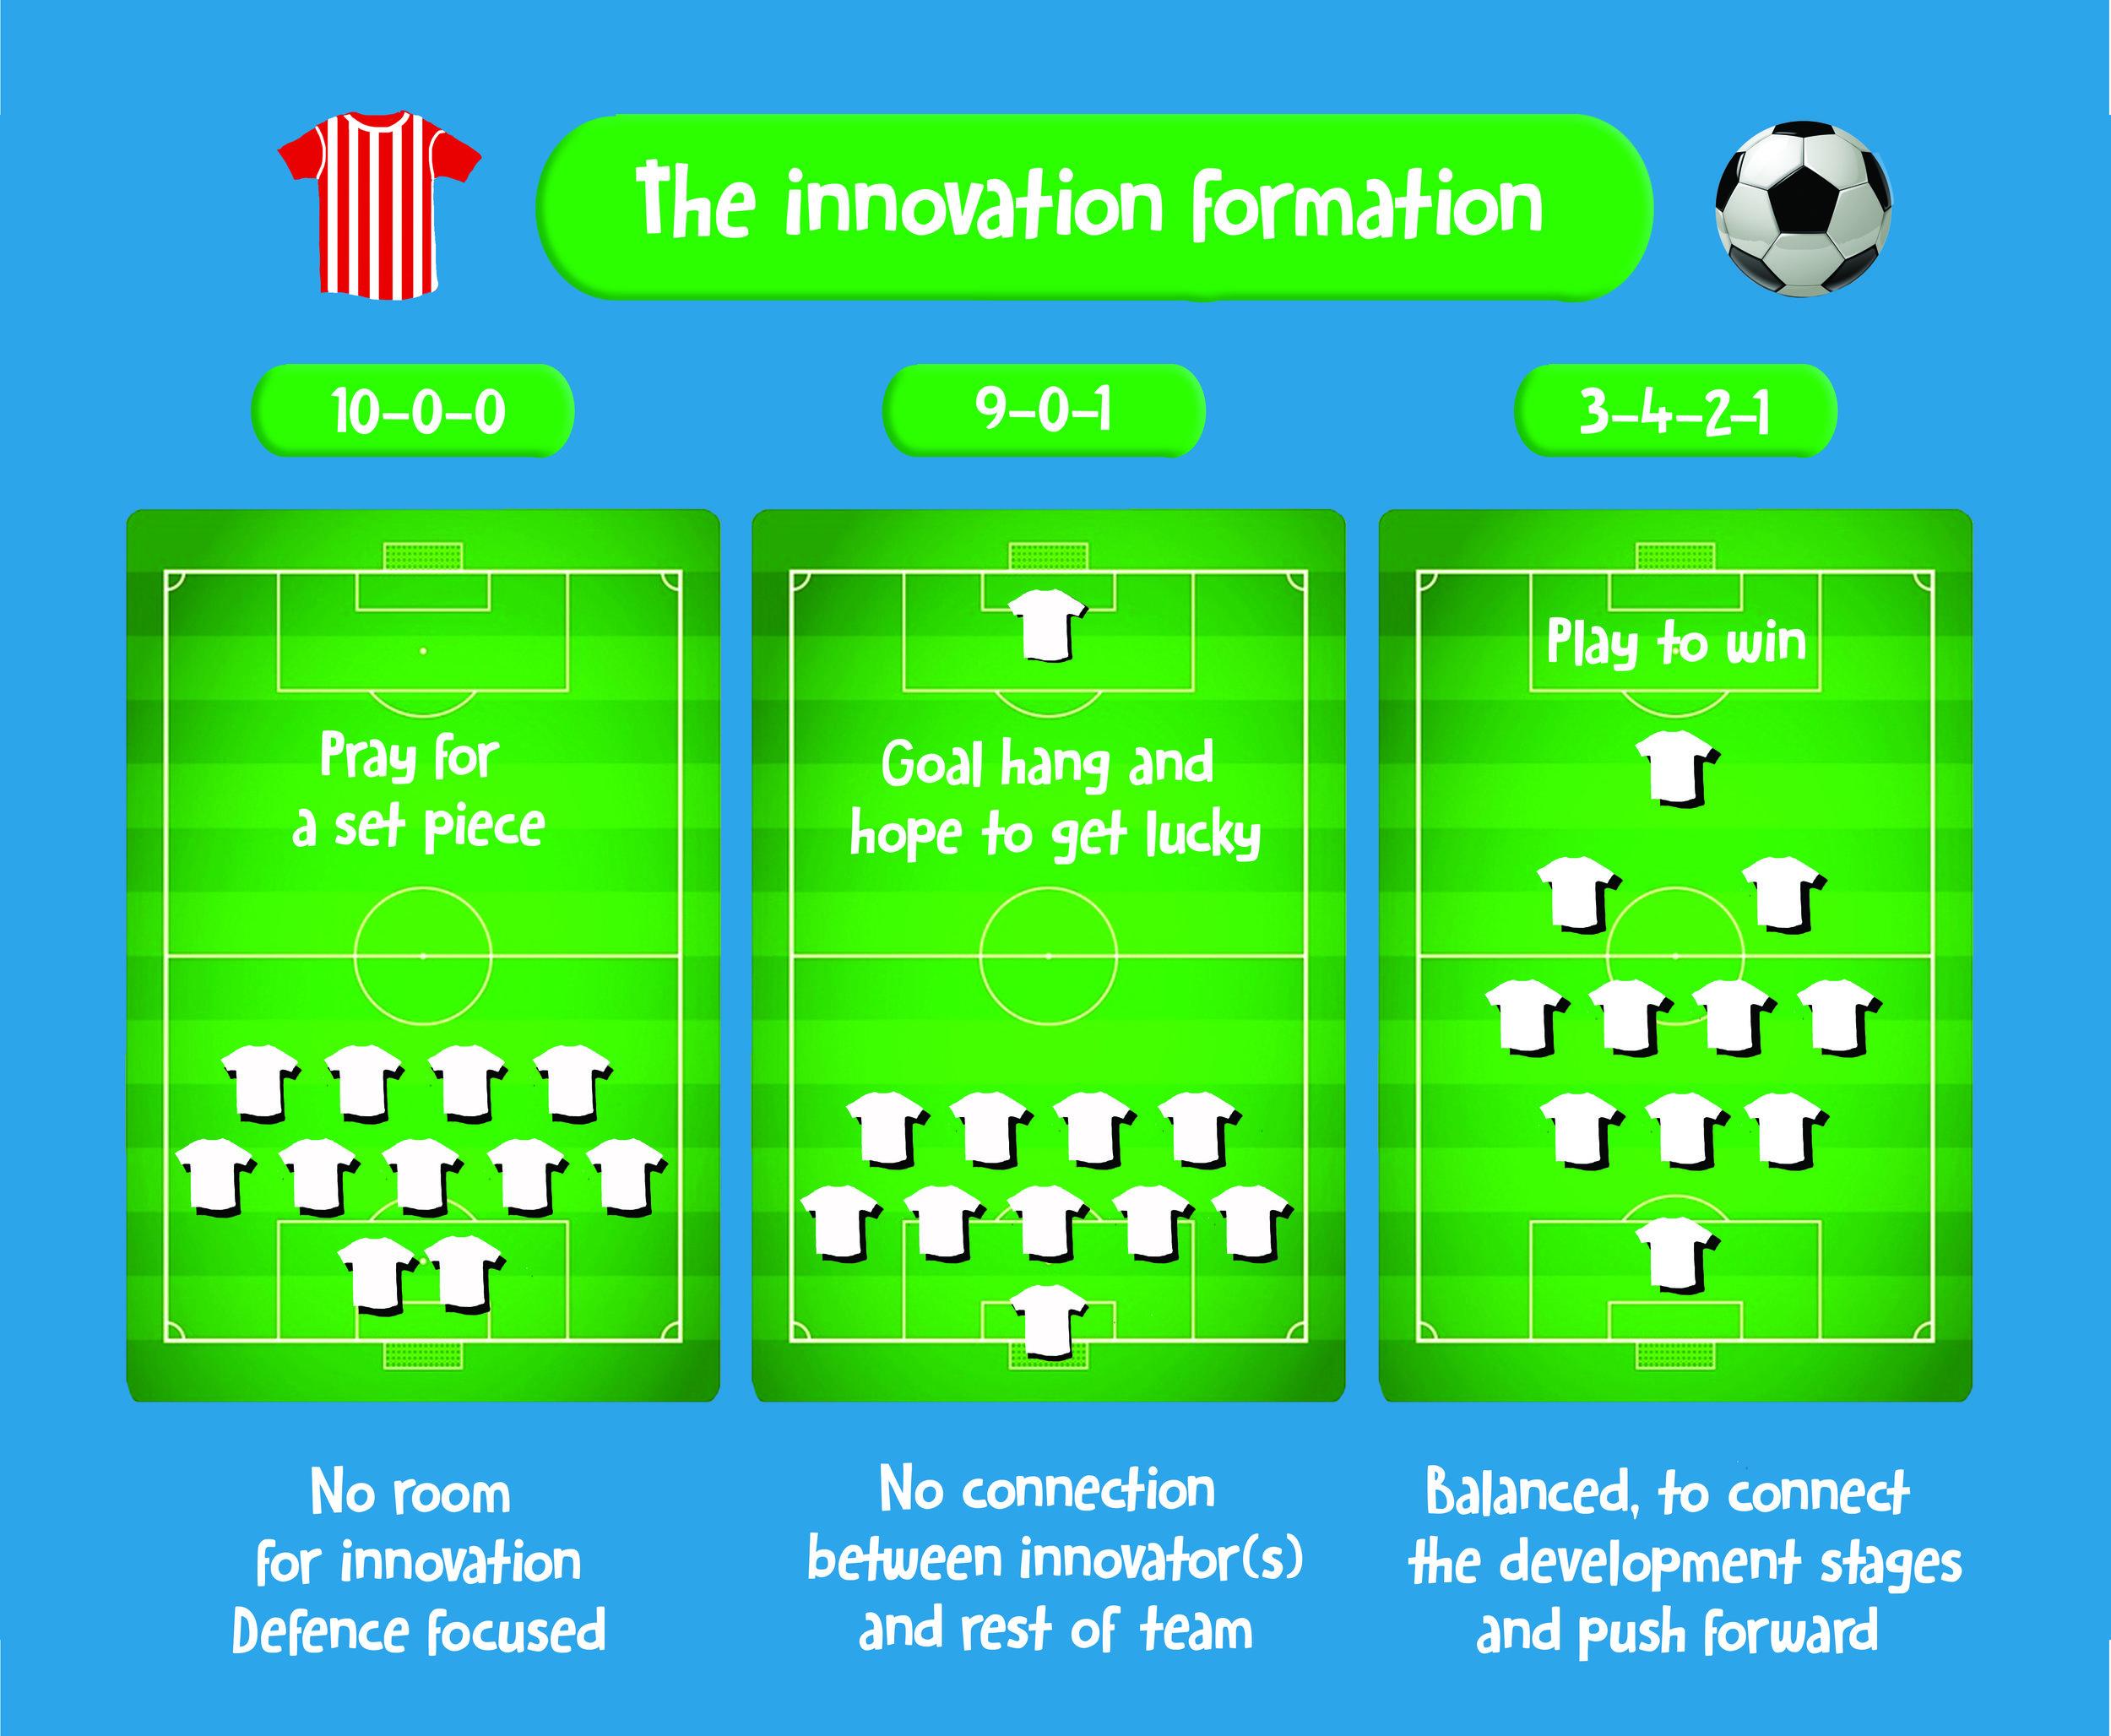 The goal of innovation.jpg